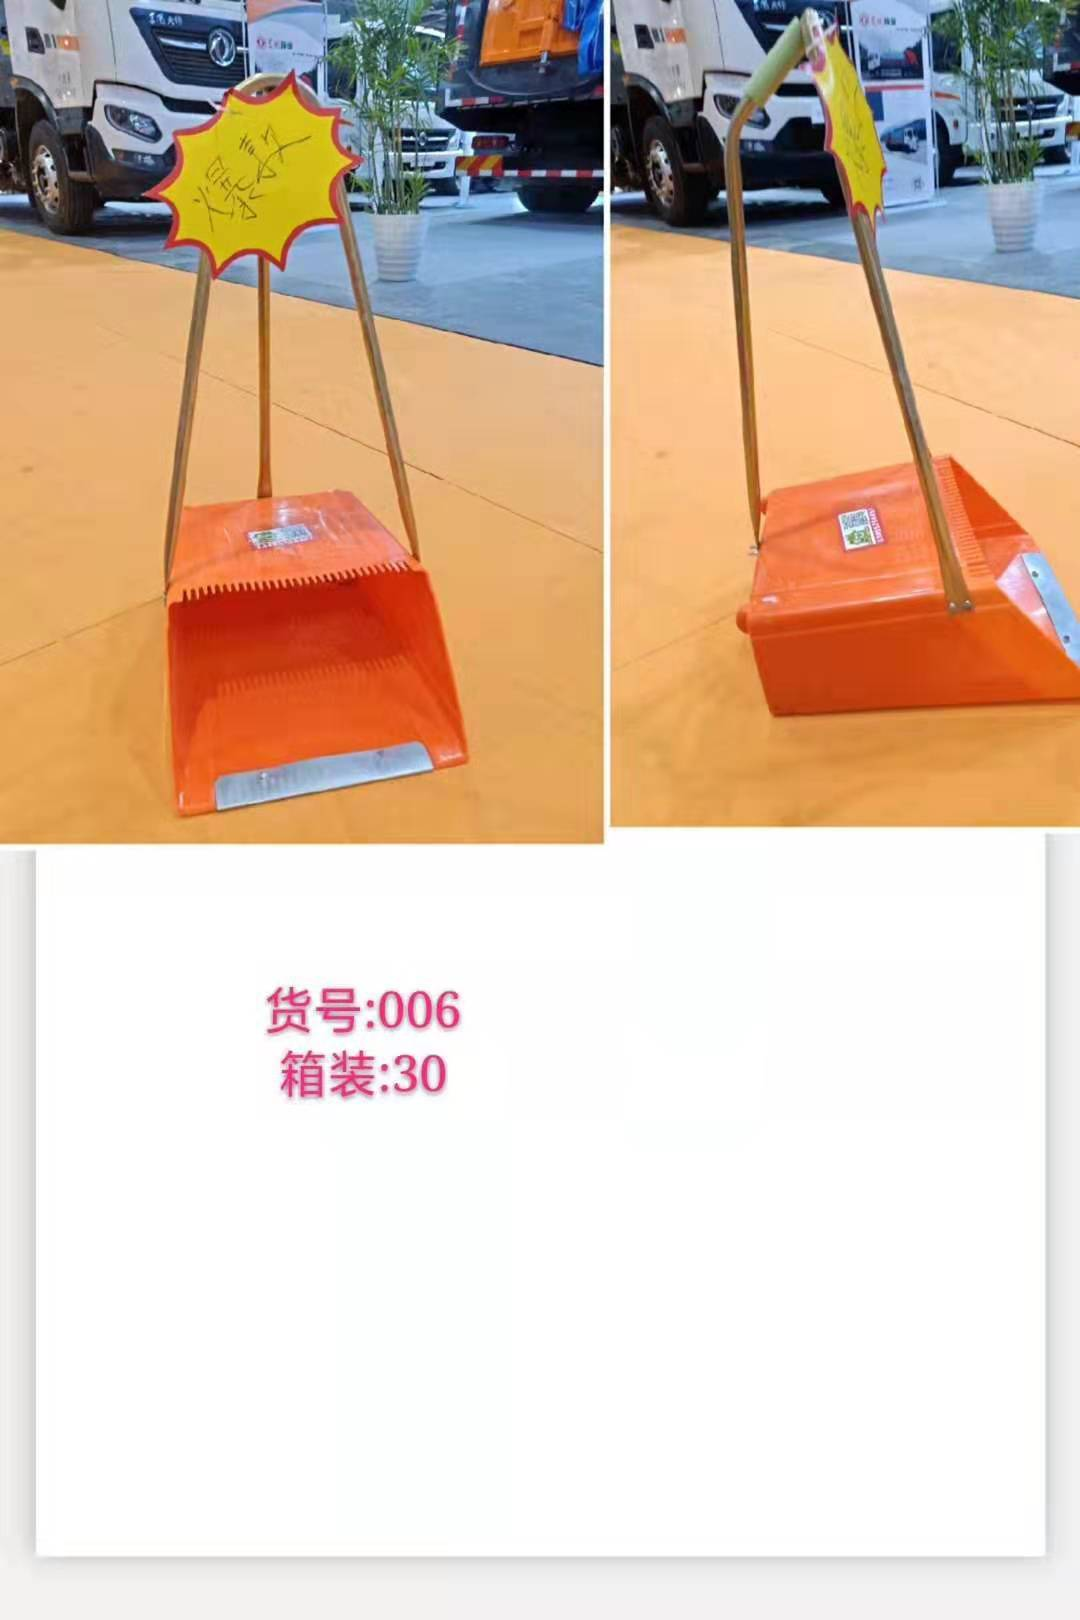 贵州环卫清洁垃圾斗图片,垃圾斗